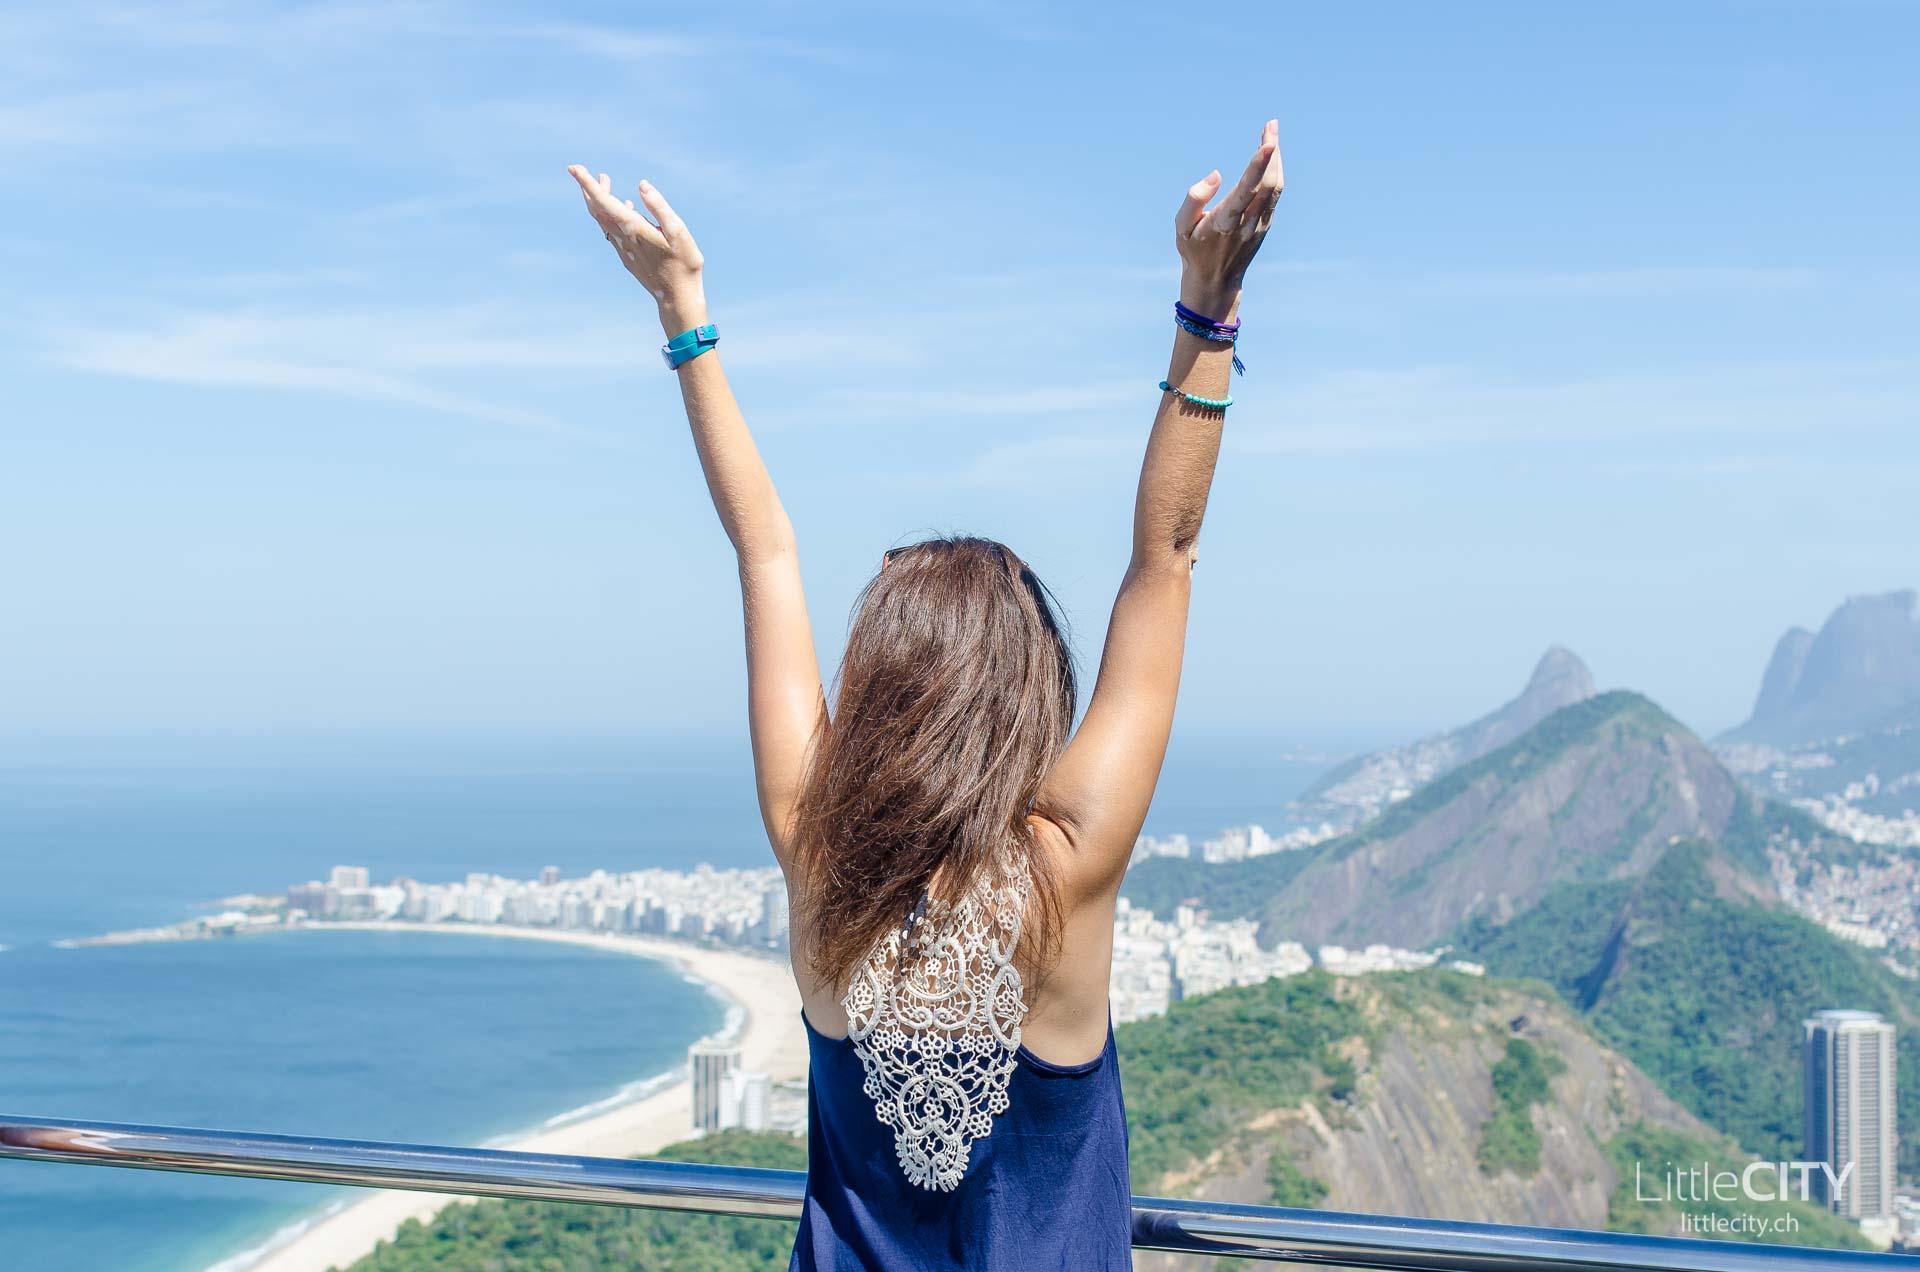 Rio de Janeiro Zuckerhut LittleCITY.ch-1